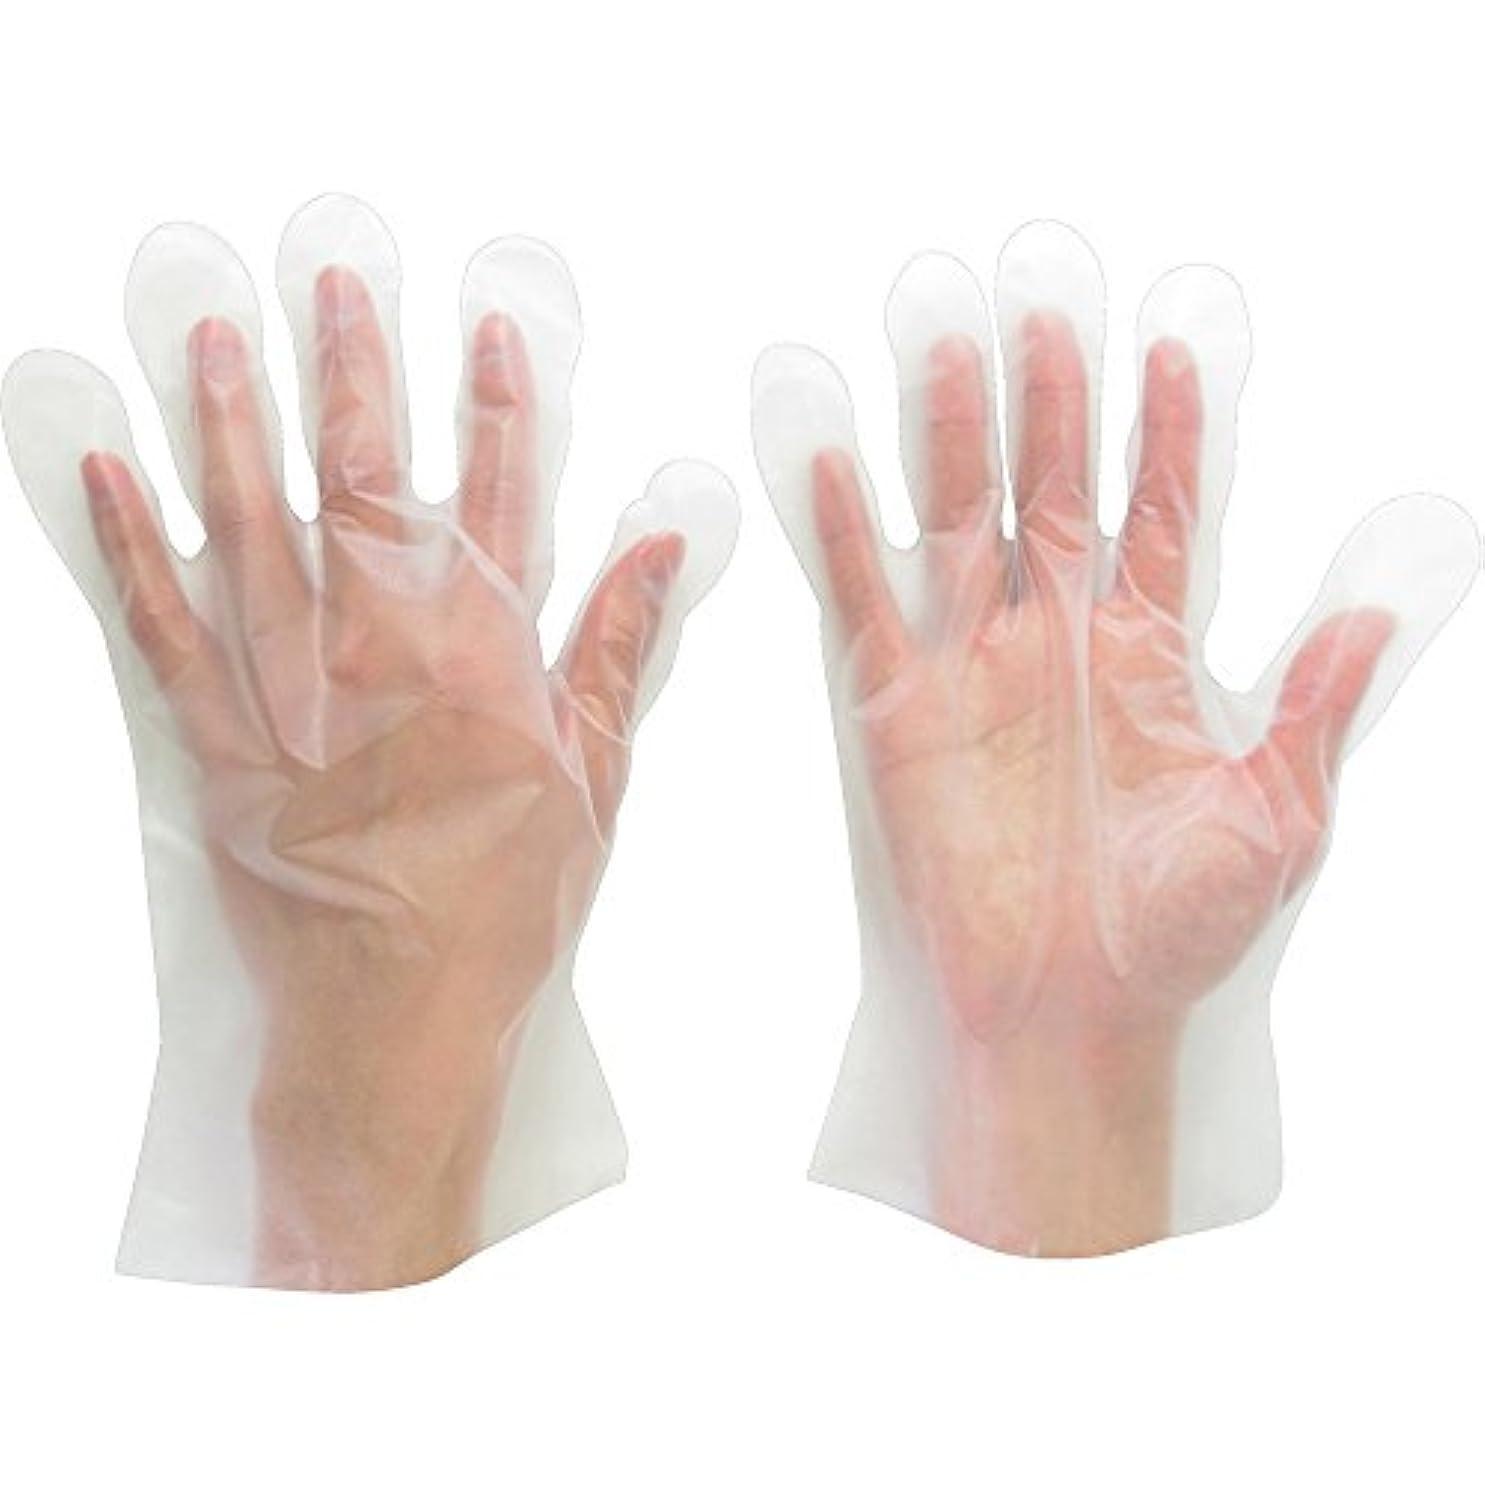 更新スポーツの試合を担当している人ワーカーミドリ安全 ポリエチレンディスポ手袋 ベルテ573 100枚 袋入 SS VERTE-573-SS ポリエチレン使い捨て手袋